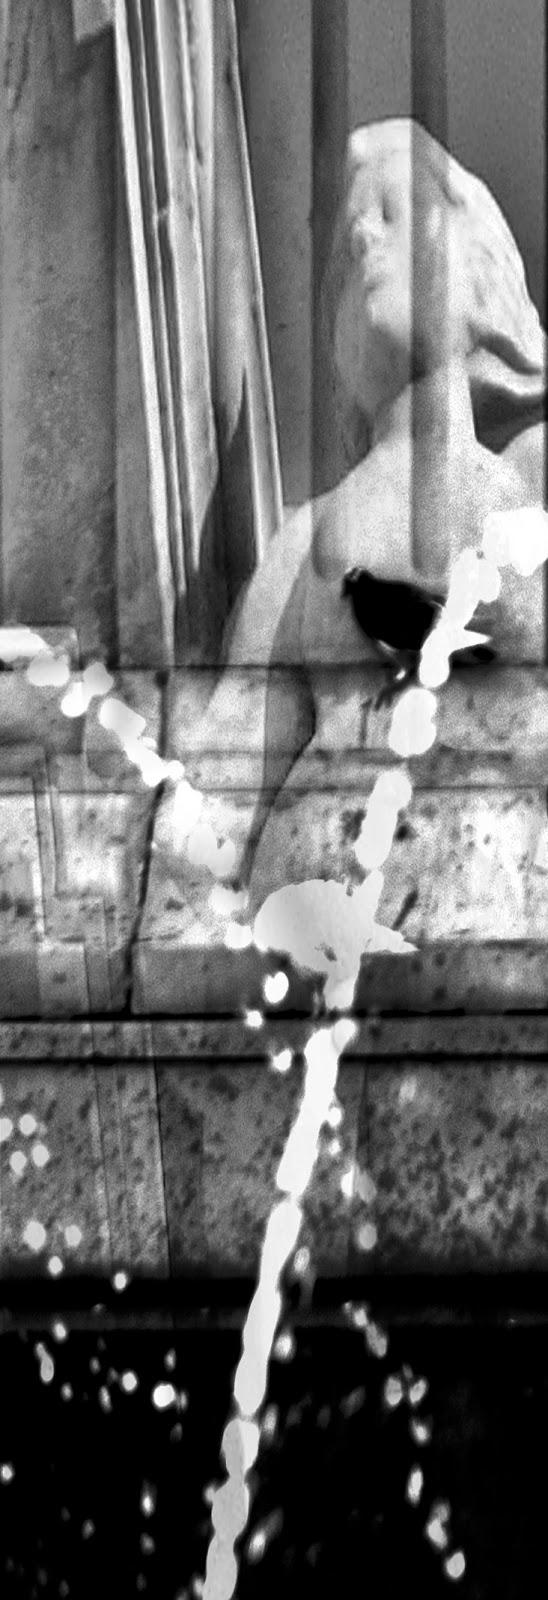 detalle de la maqueta águila roja paloma negra 2